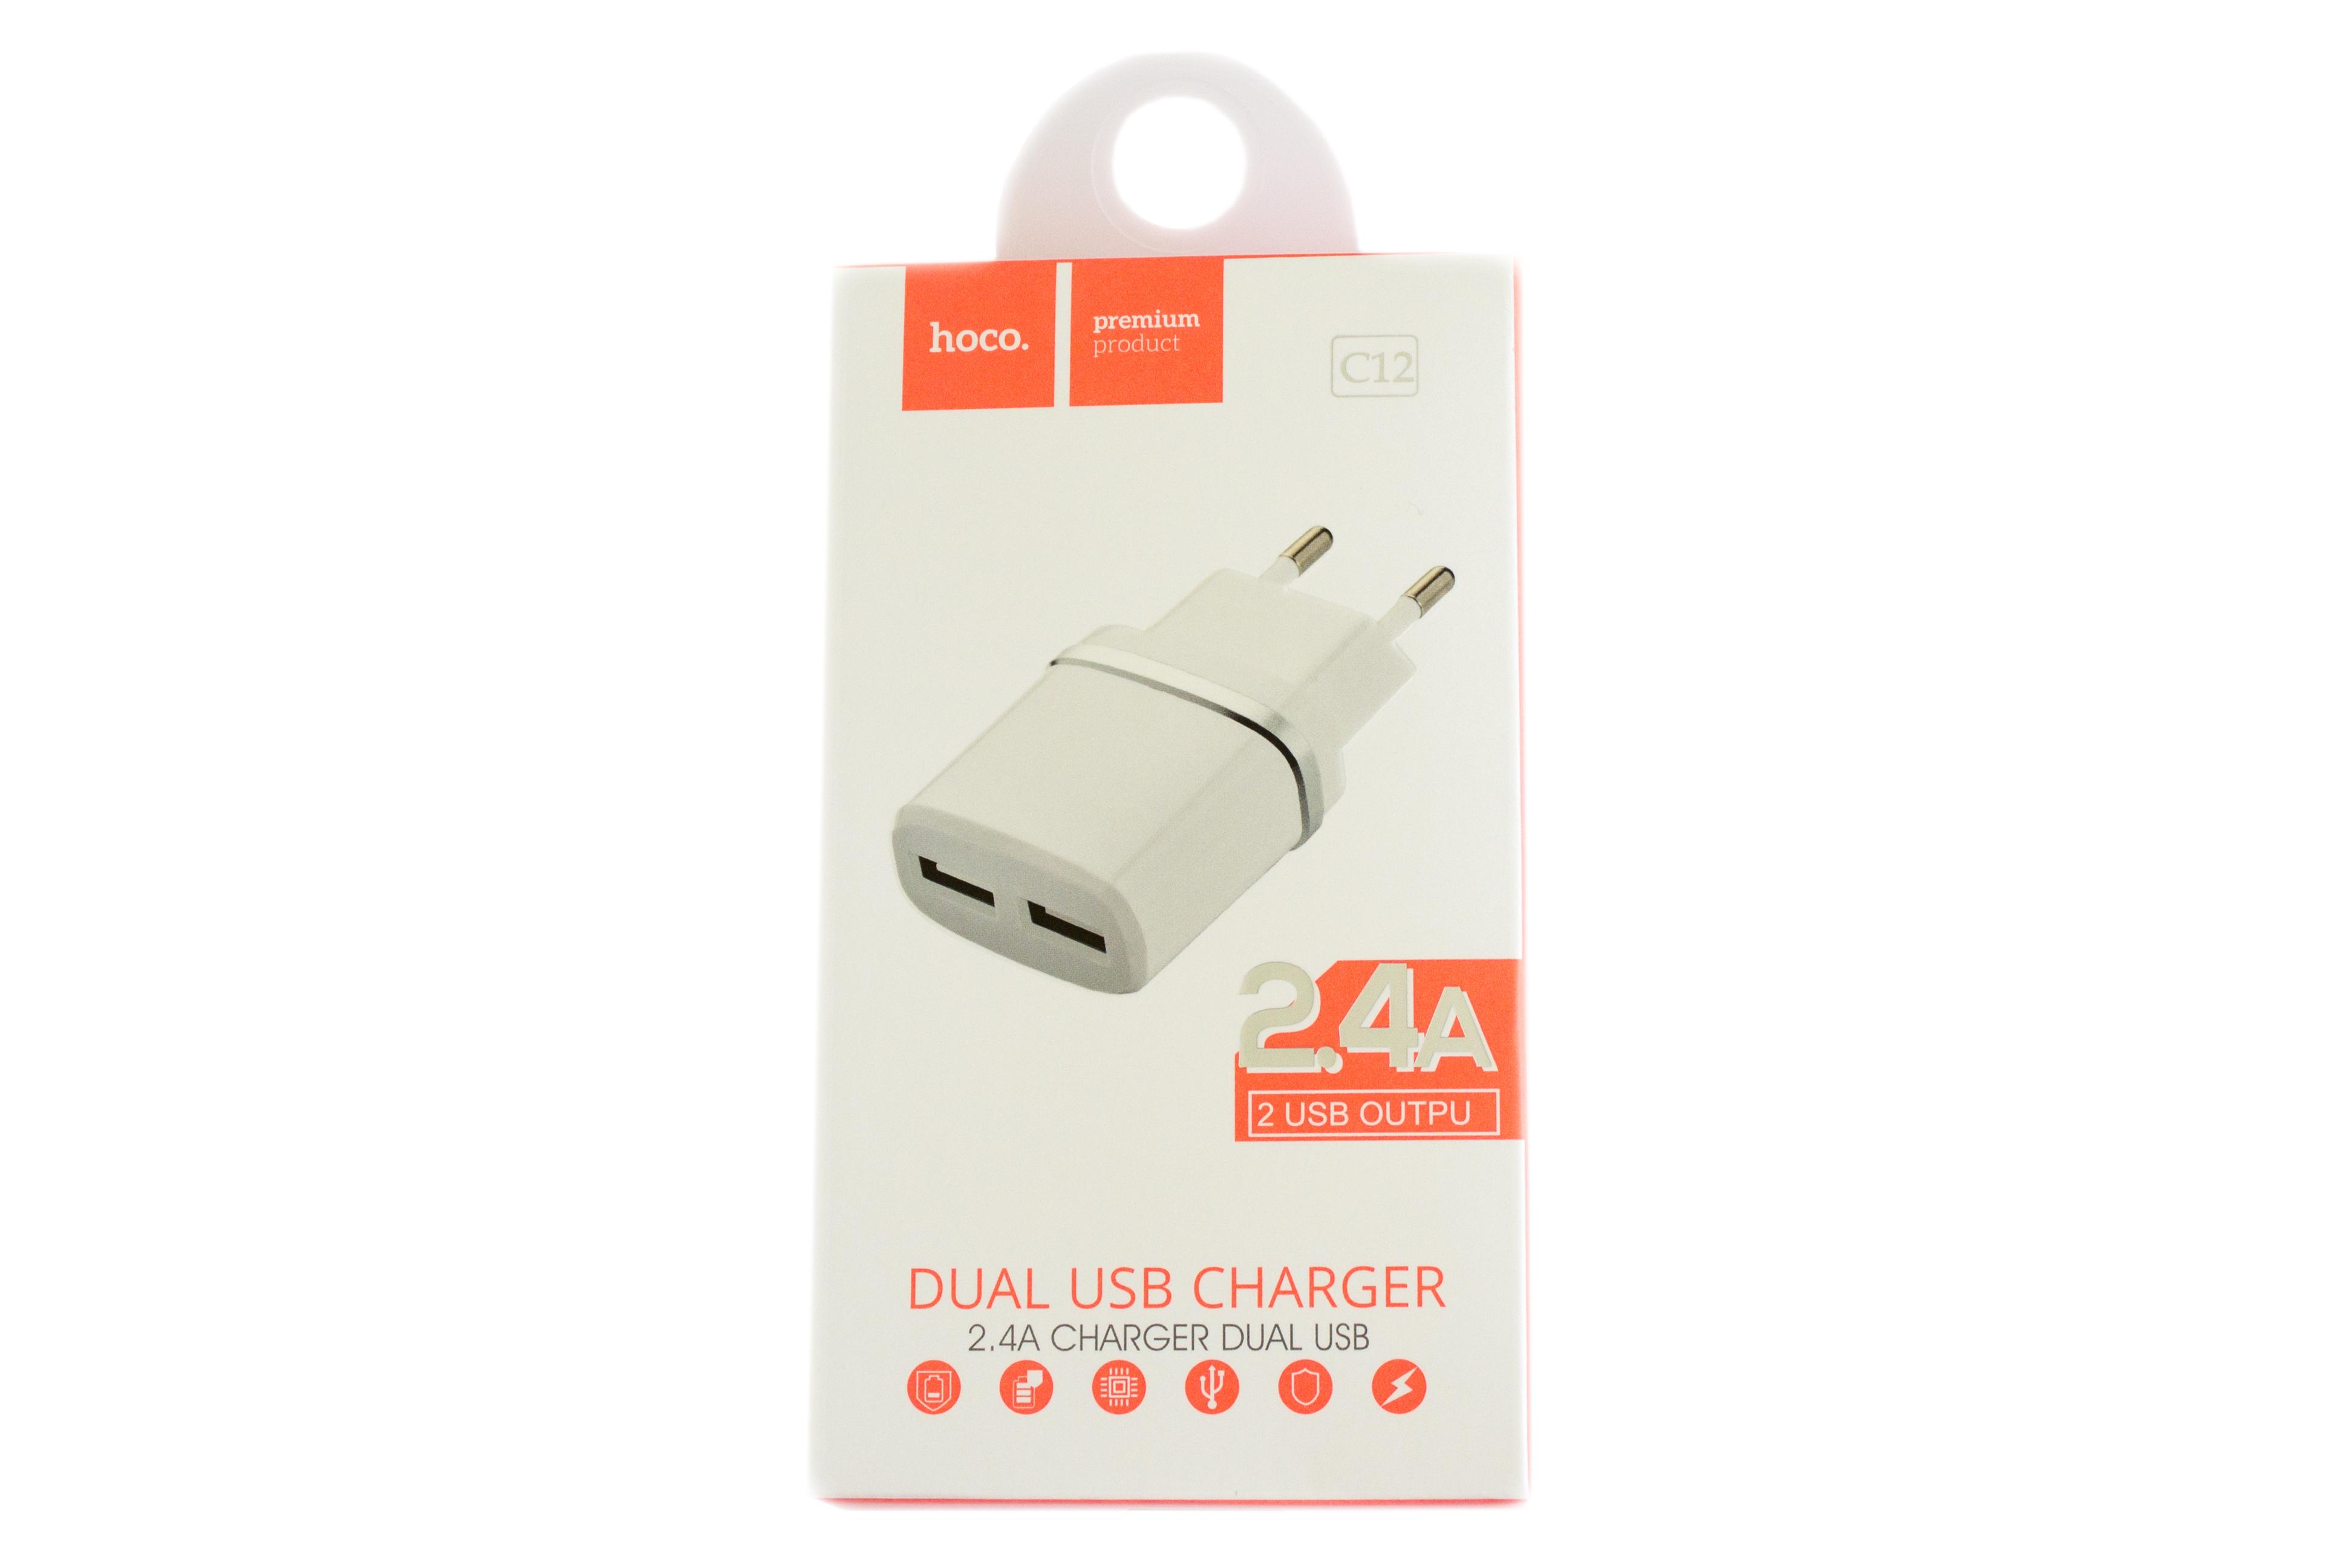 Мережевий зарядний пристрій Hoco C12 Dual USB Charger 2.4A